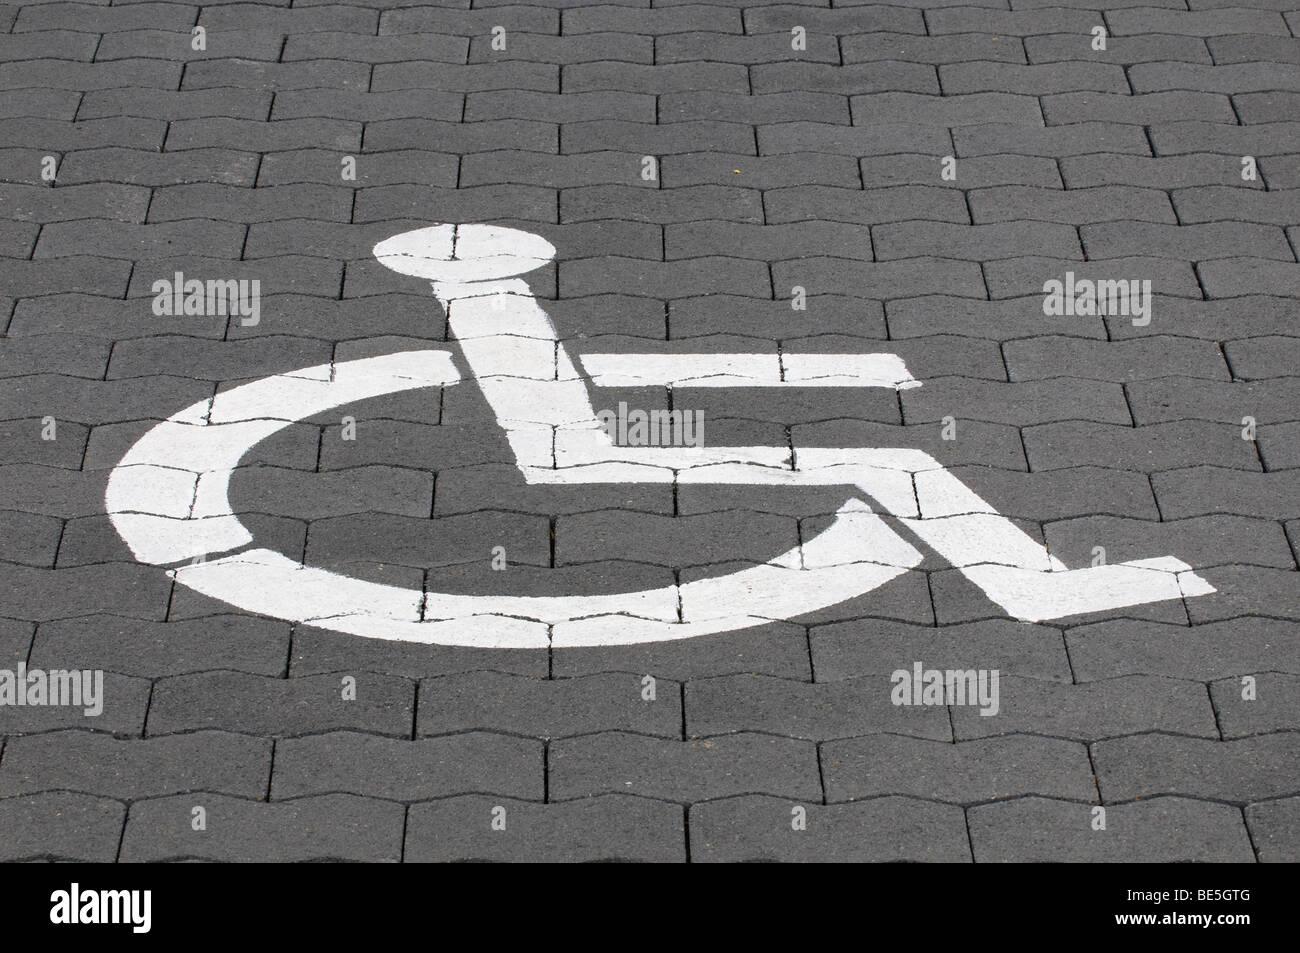 Stationnement pour handicapés pictogramme sur la chaussée Photo Stock